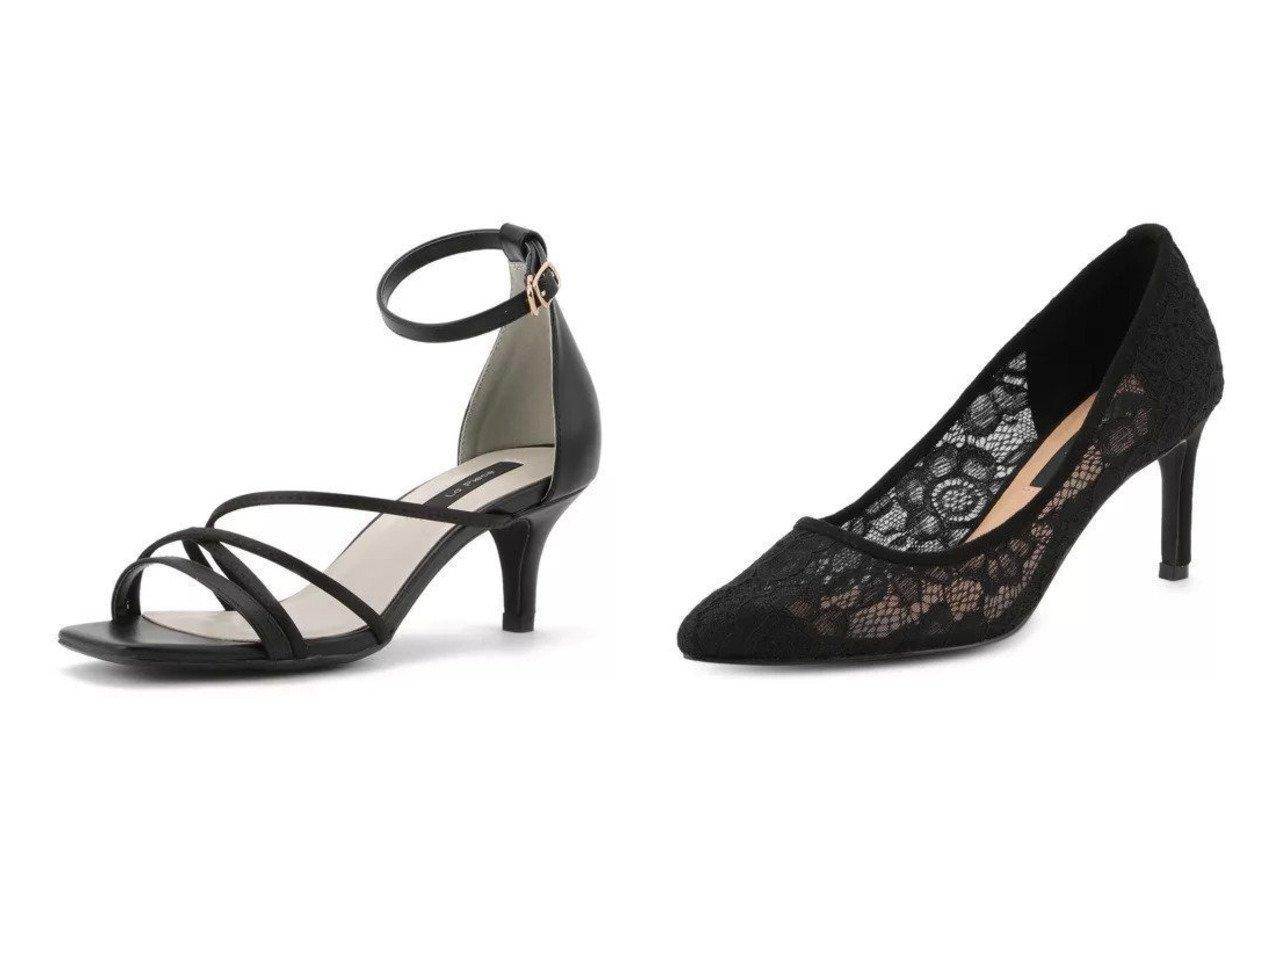 【Tiara/ティアラ】のレースパンプス&スキニーアンクルストラップサンダル 【シューズ・靴】おすすめ!人気、トレンド・レディースファッションの通販 おすすめで人気の流行・トレンド、ファッションの通販商品 インテリア・家具・メンズファッション・キッズファッション・レディースファッション・服の通販 founy(ファニー) https://founy.com/ ファッション Fashion レディースファッション WOMEN エレガント クロコ コンビ サテン サンダル シューズ ラップ フェミニン フォーマル レース |ID:crp329100000045165